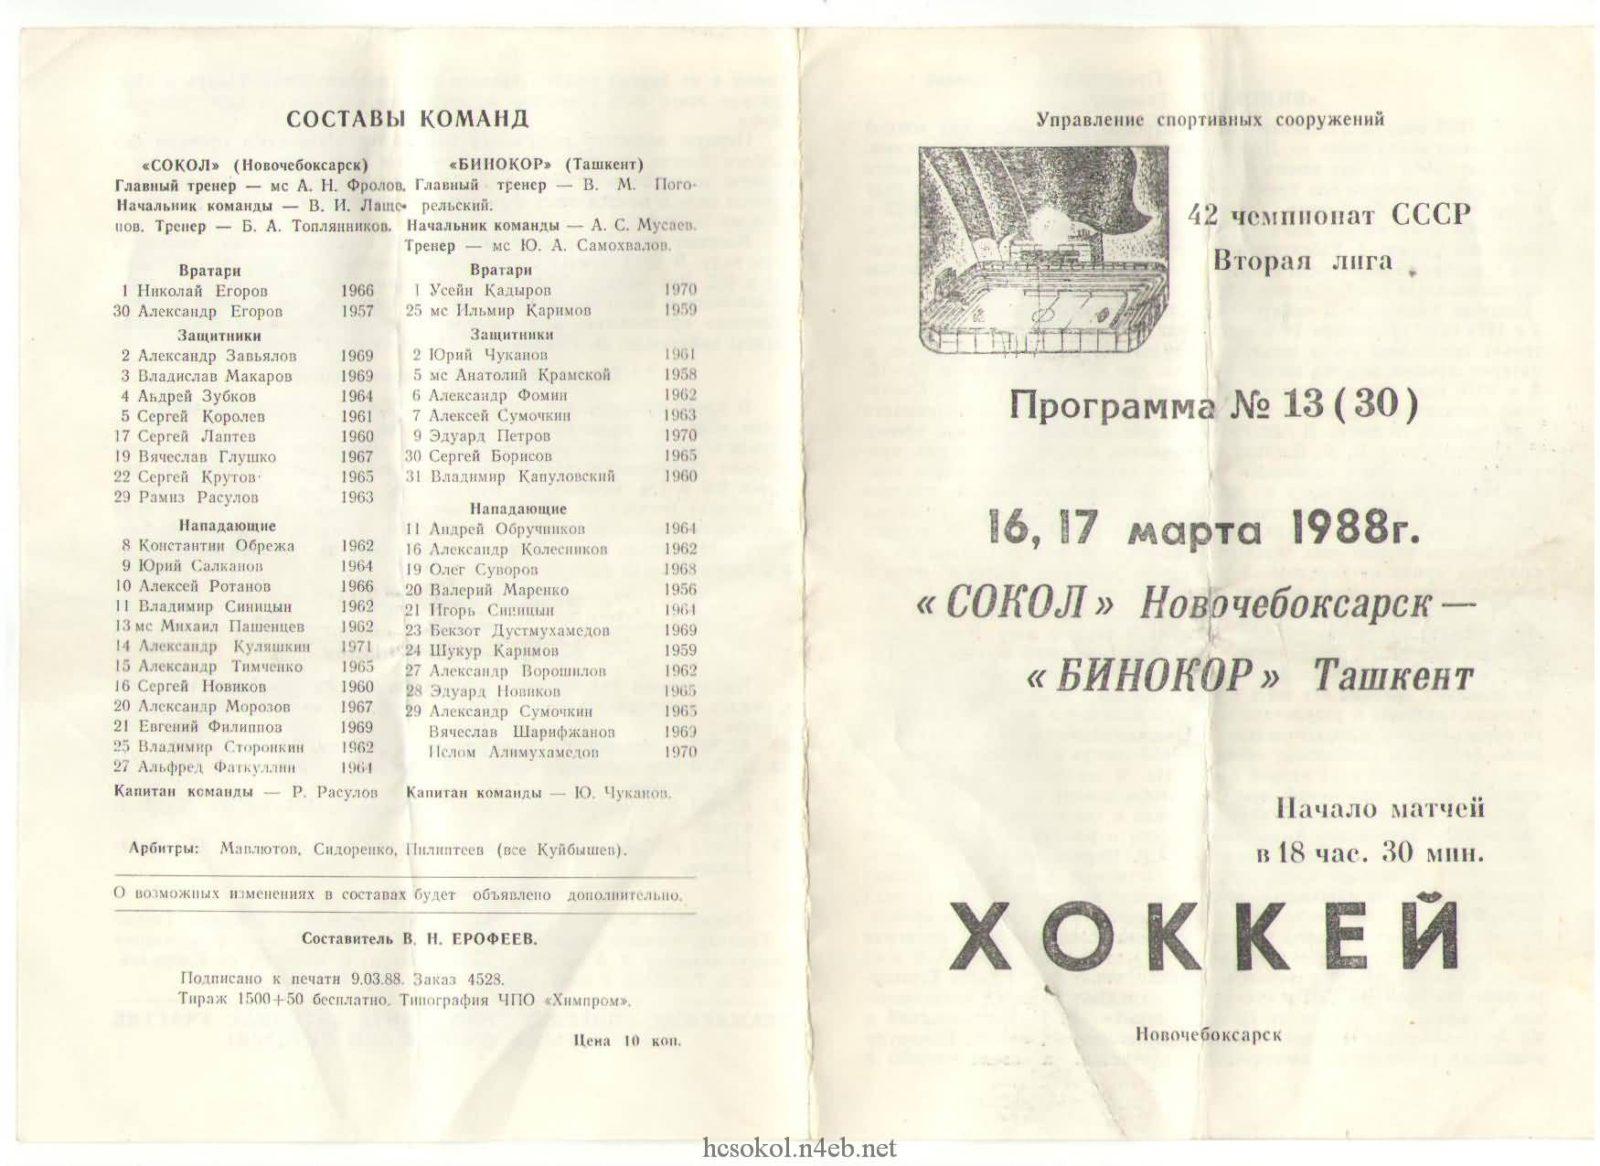 «Сокол» Новочебоксарск – «Бинокор» Ташкент